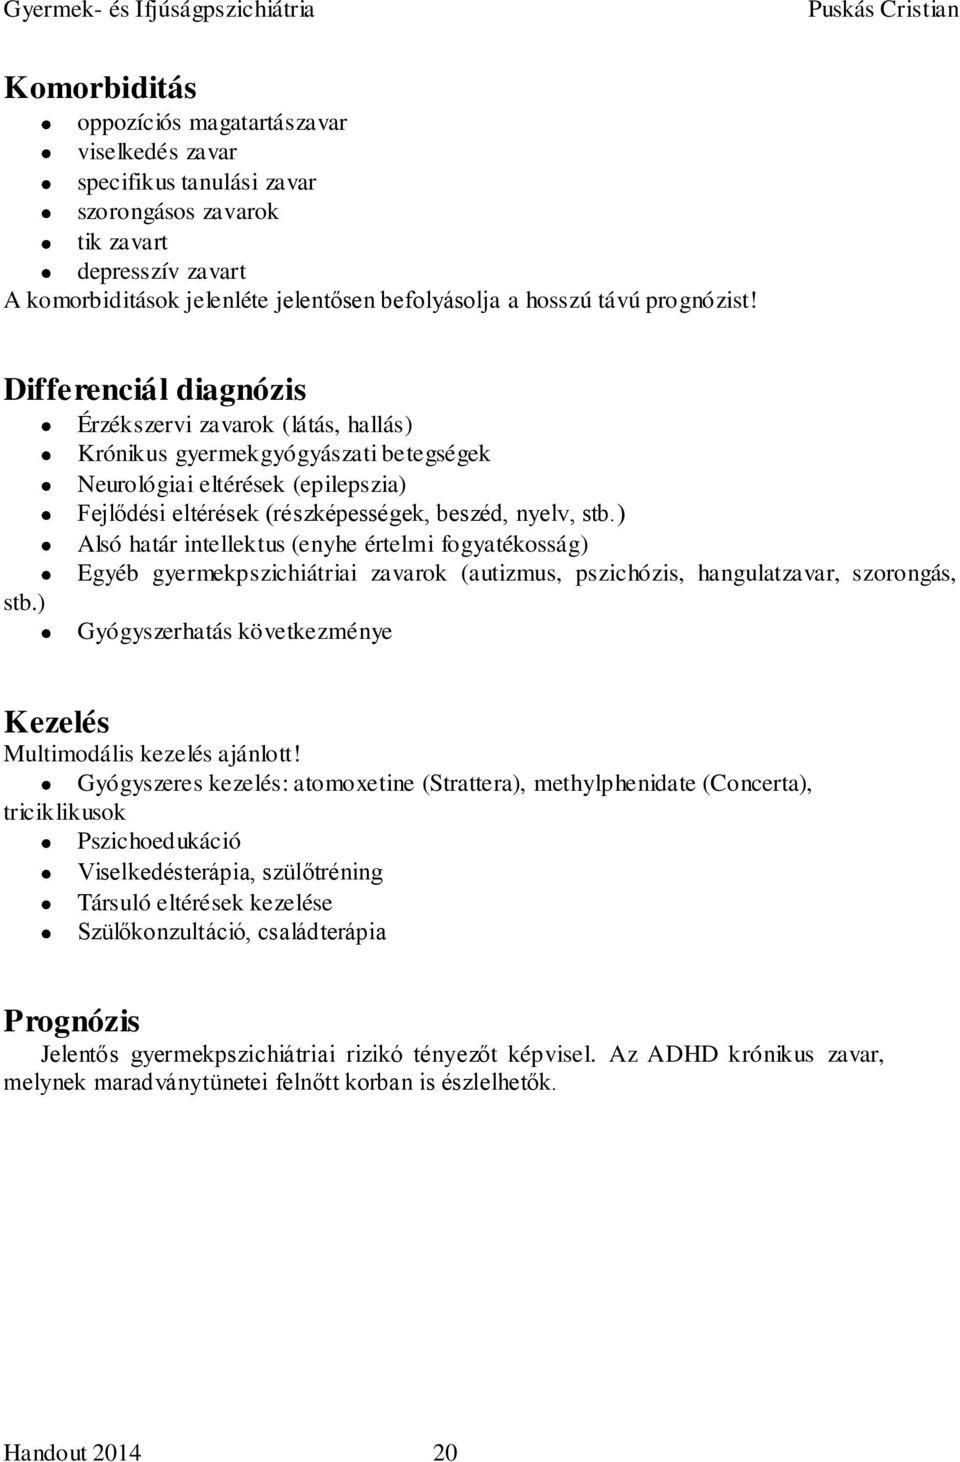 Papillóma a nyelven - Fertőző betegségek